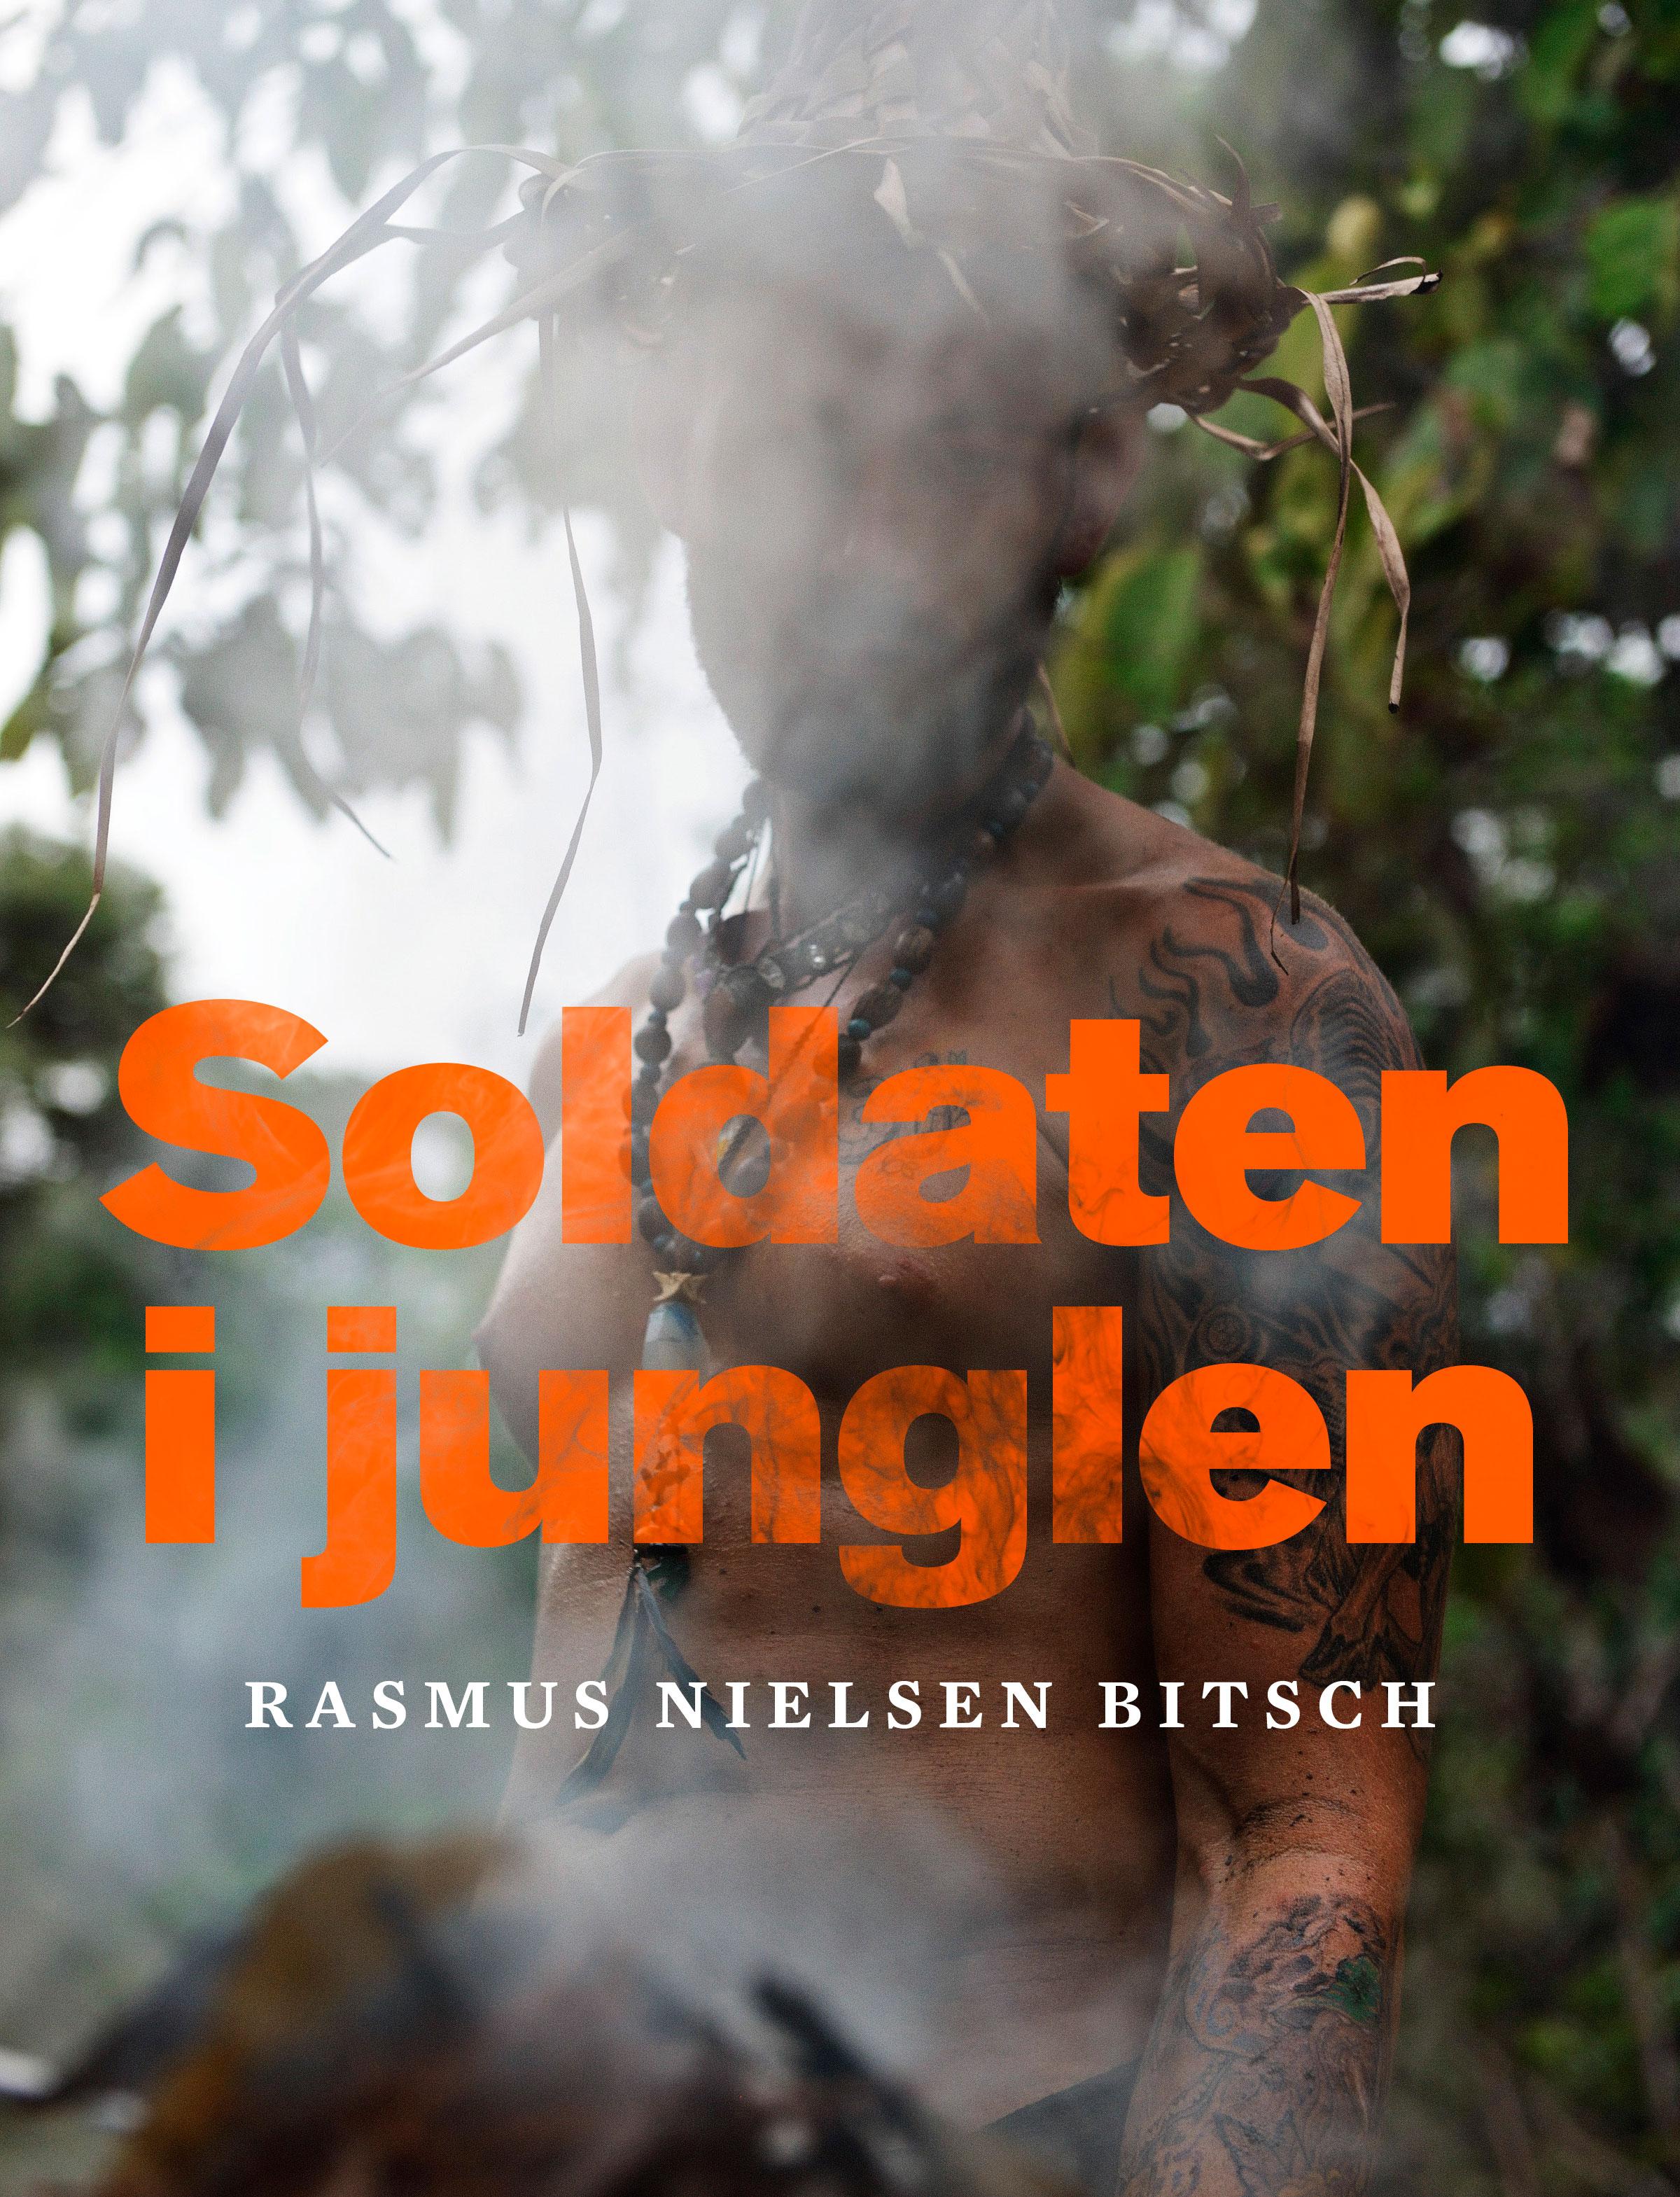 Soldaten i junglen - E-bog